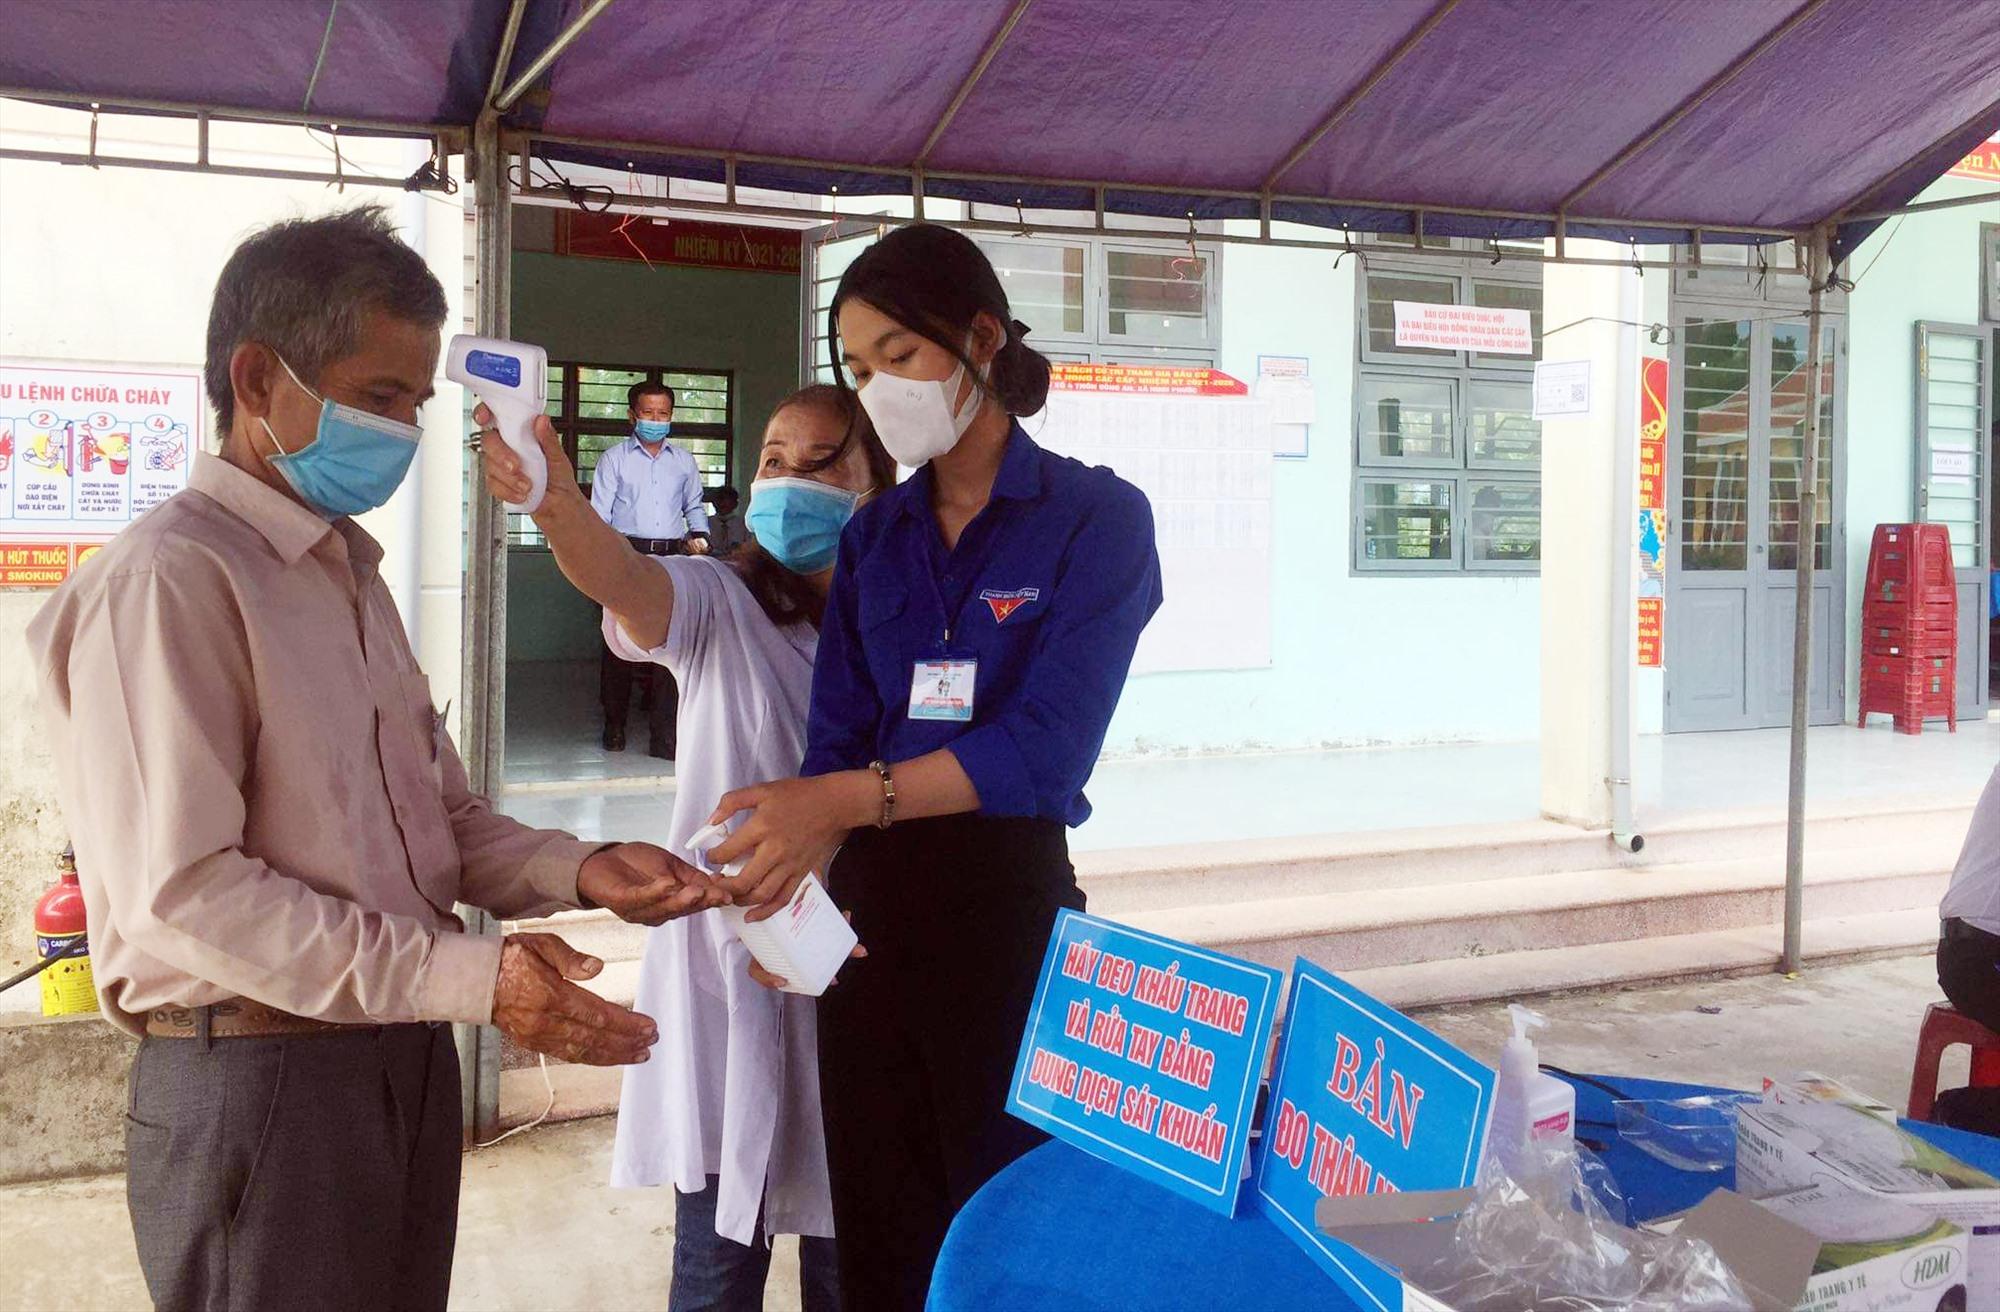 Cử tri Nông Sơn được đo thân nhiệt và rửa tay sát khuẩn trước khi vào bỏ phiếu.